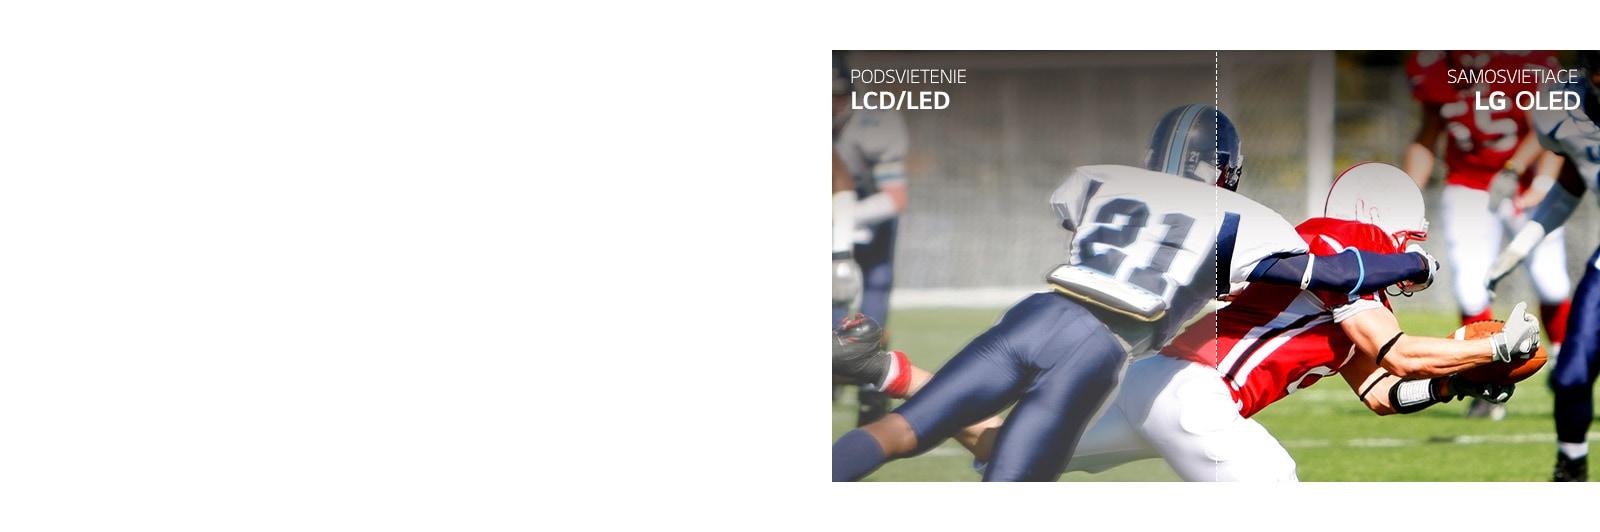 Obraz z futbalového zápasu, polovica na televízore LCD/LED s rozmazanou kvalitou obrazu, druhá polovica na televízore LG OLED TV so zreteľným obrazom